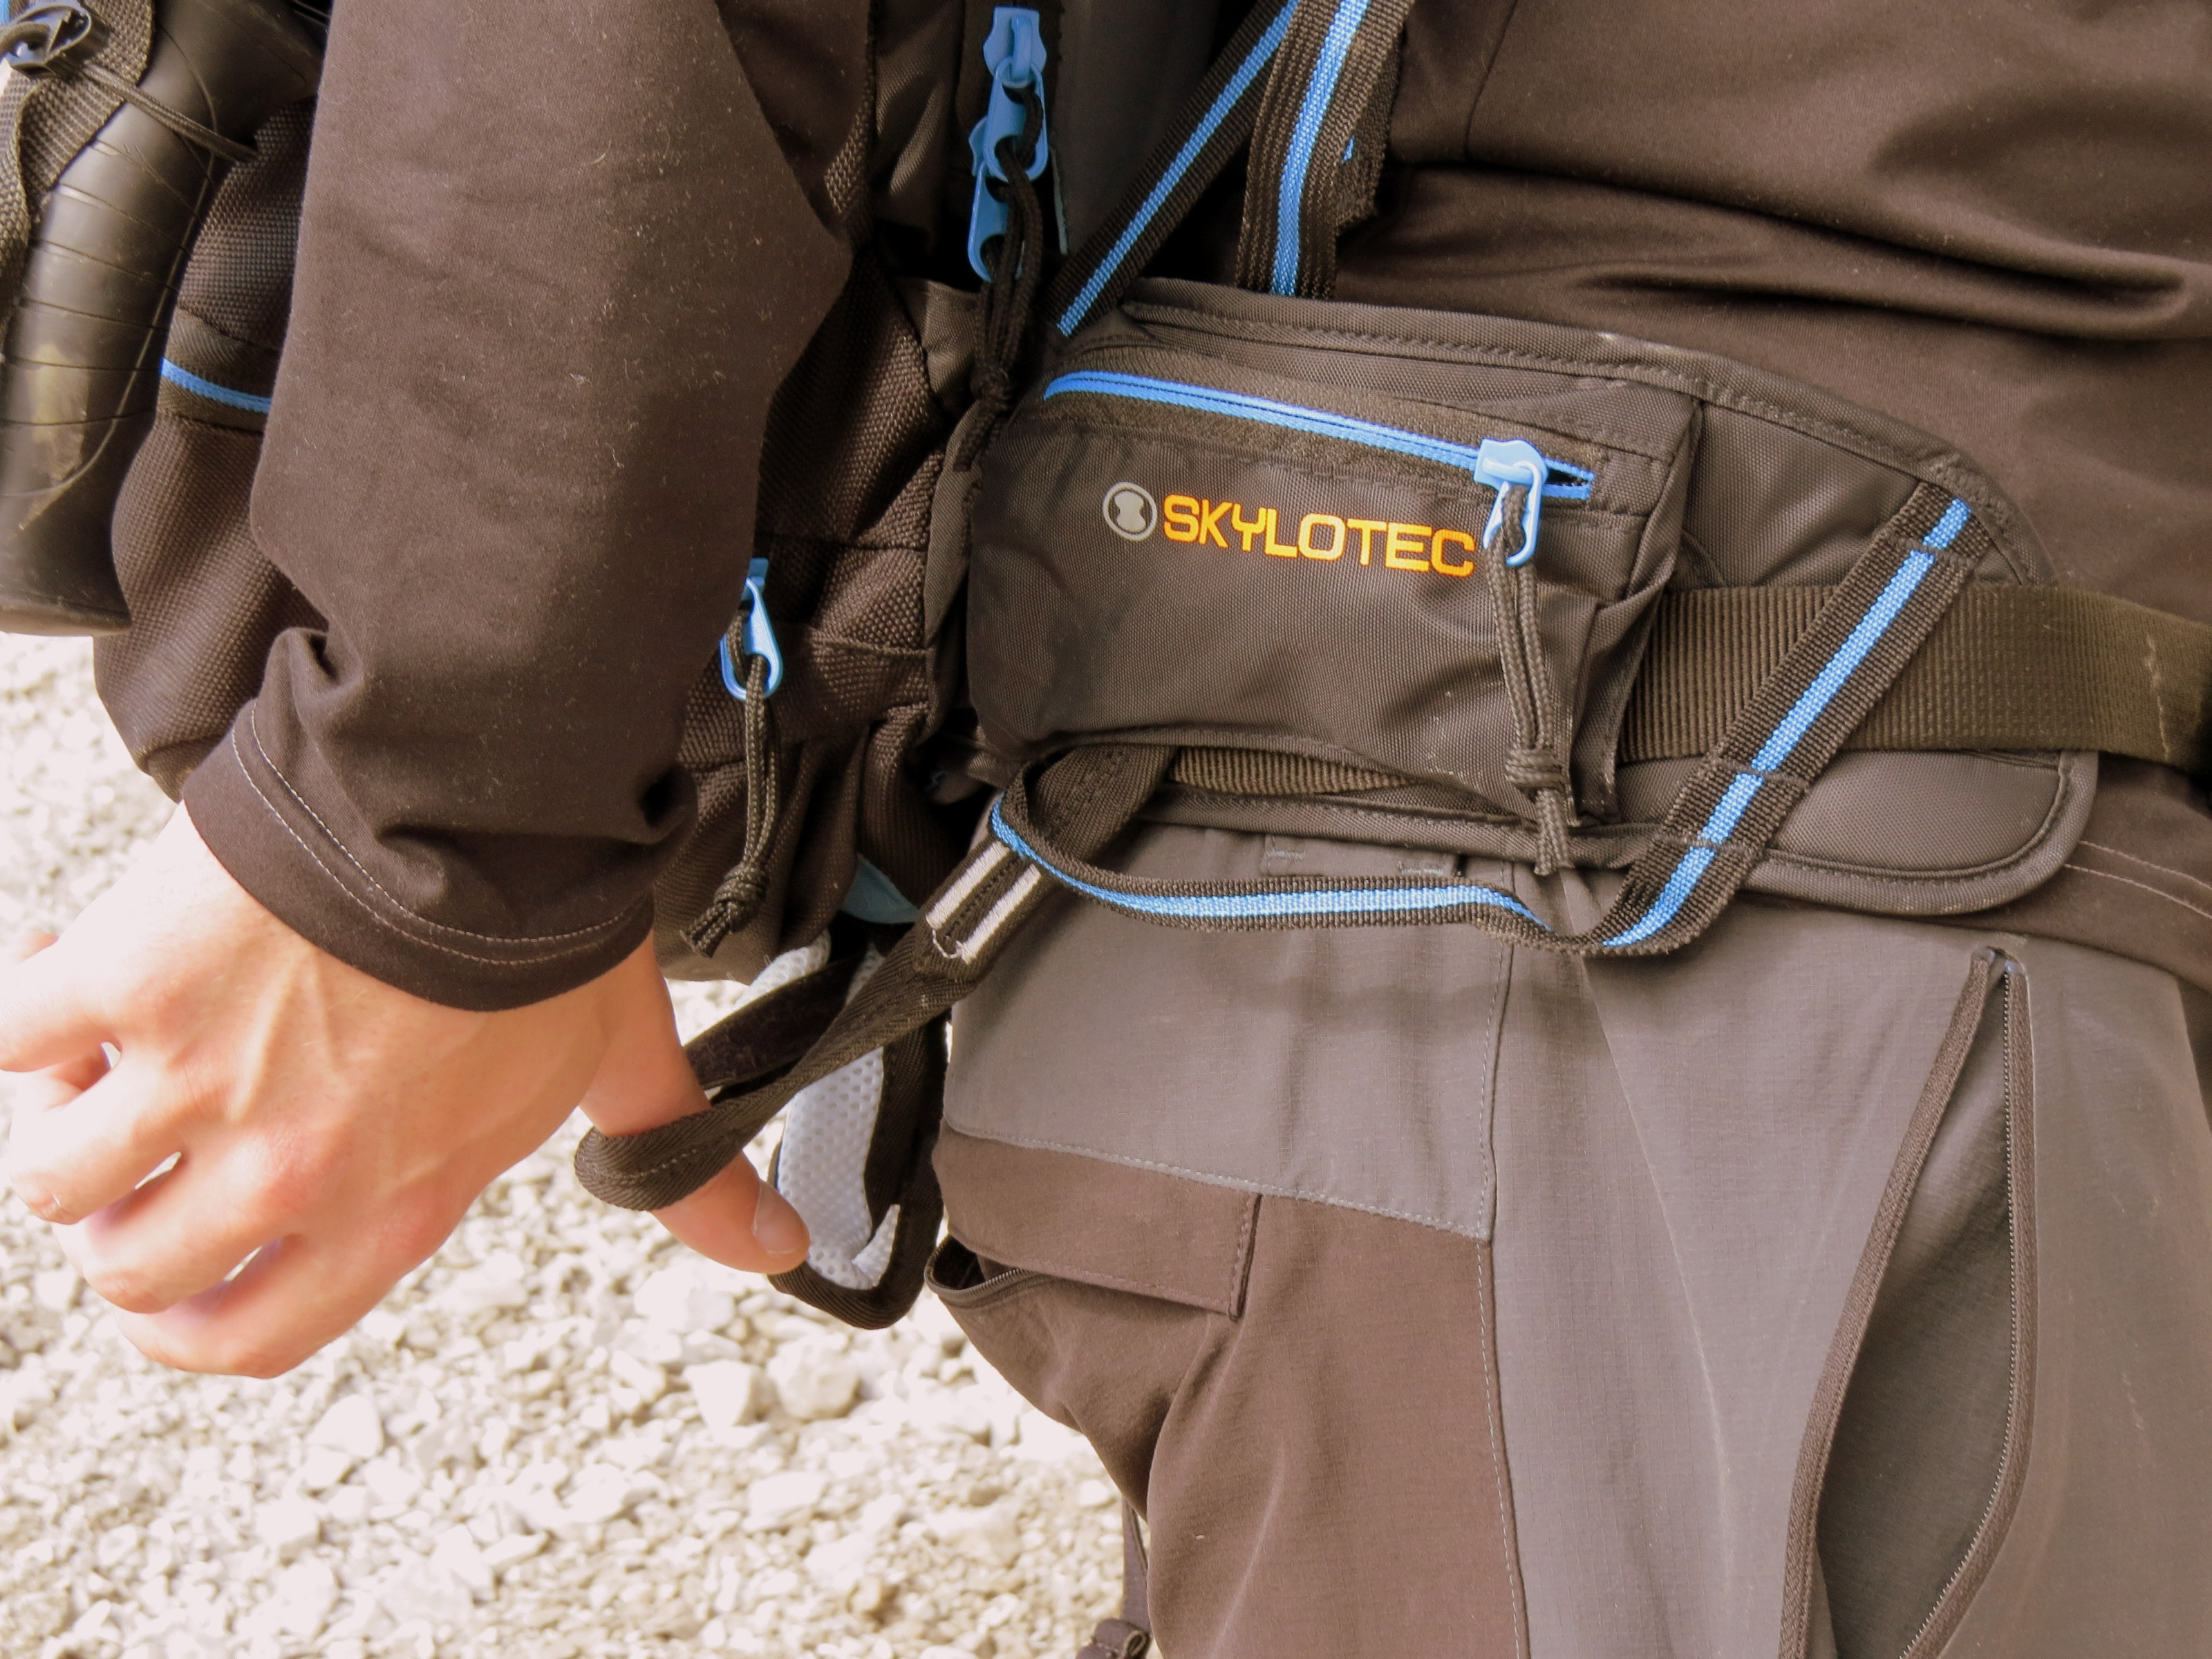 Skylotec Klettergurt Erfahrungen : Rucksack im test der skylotec mit integriertem klettergurt